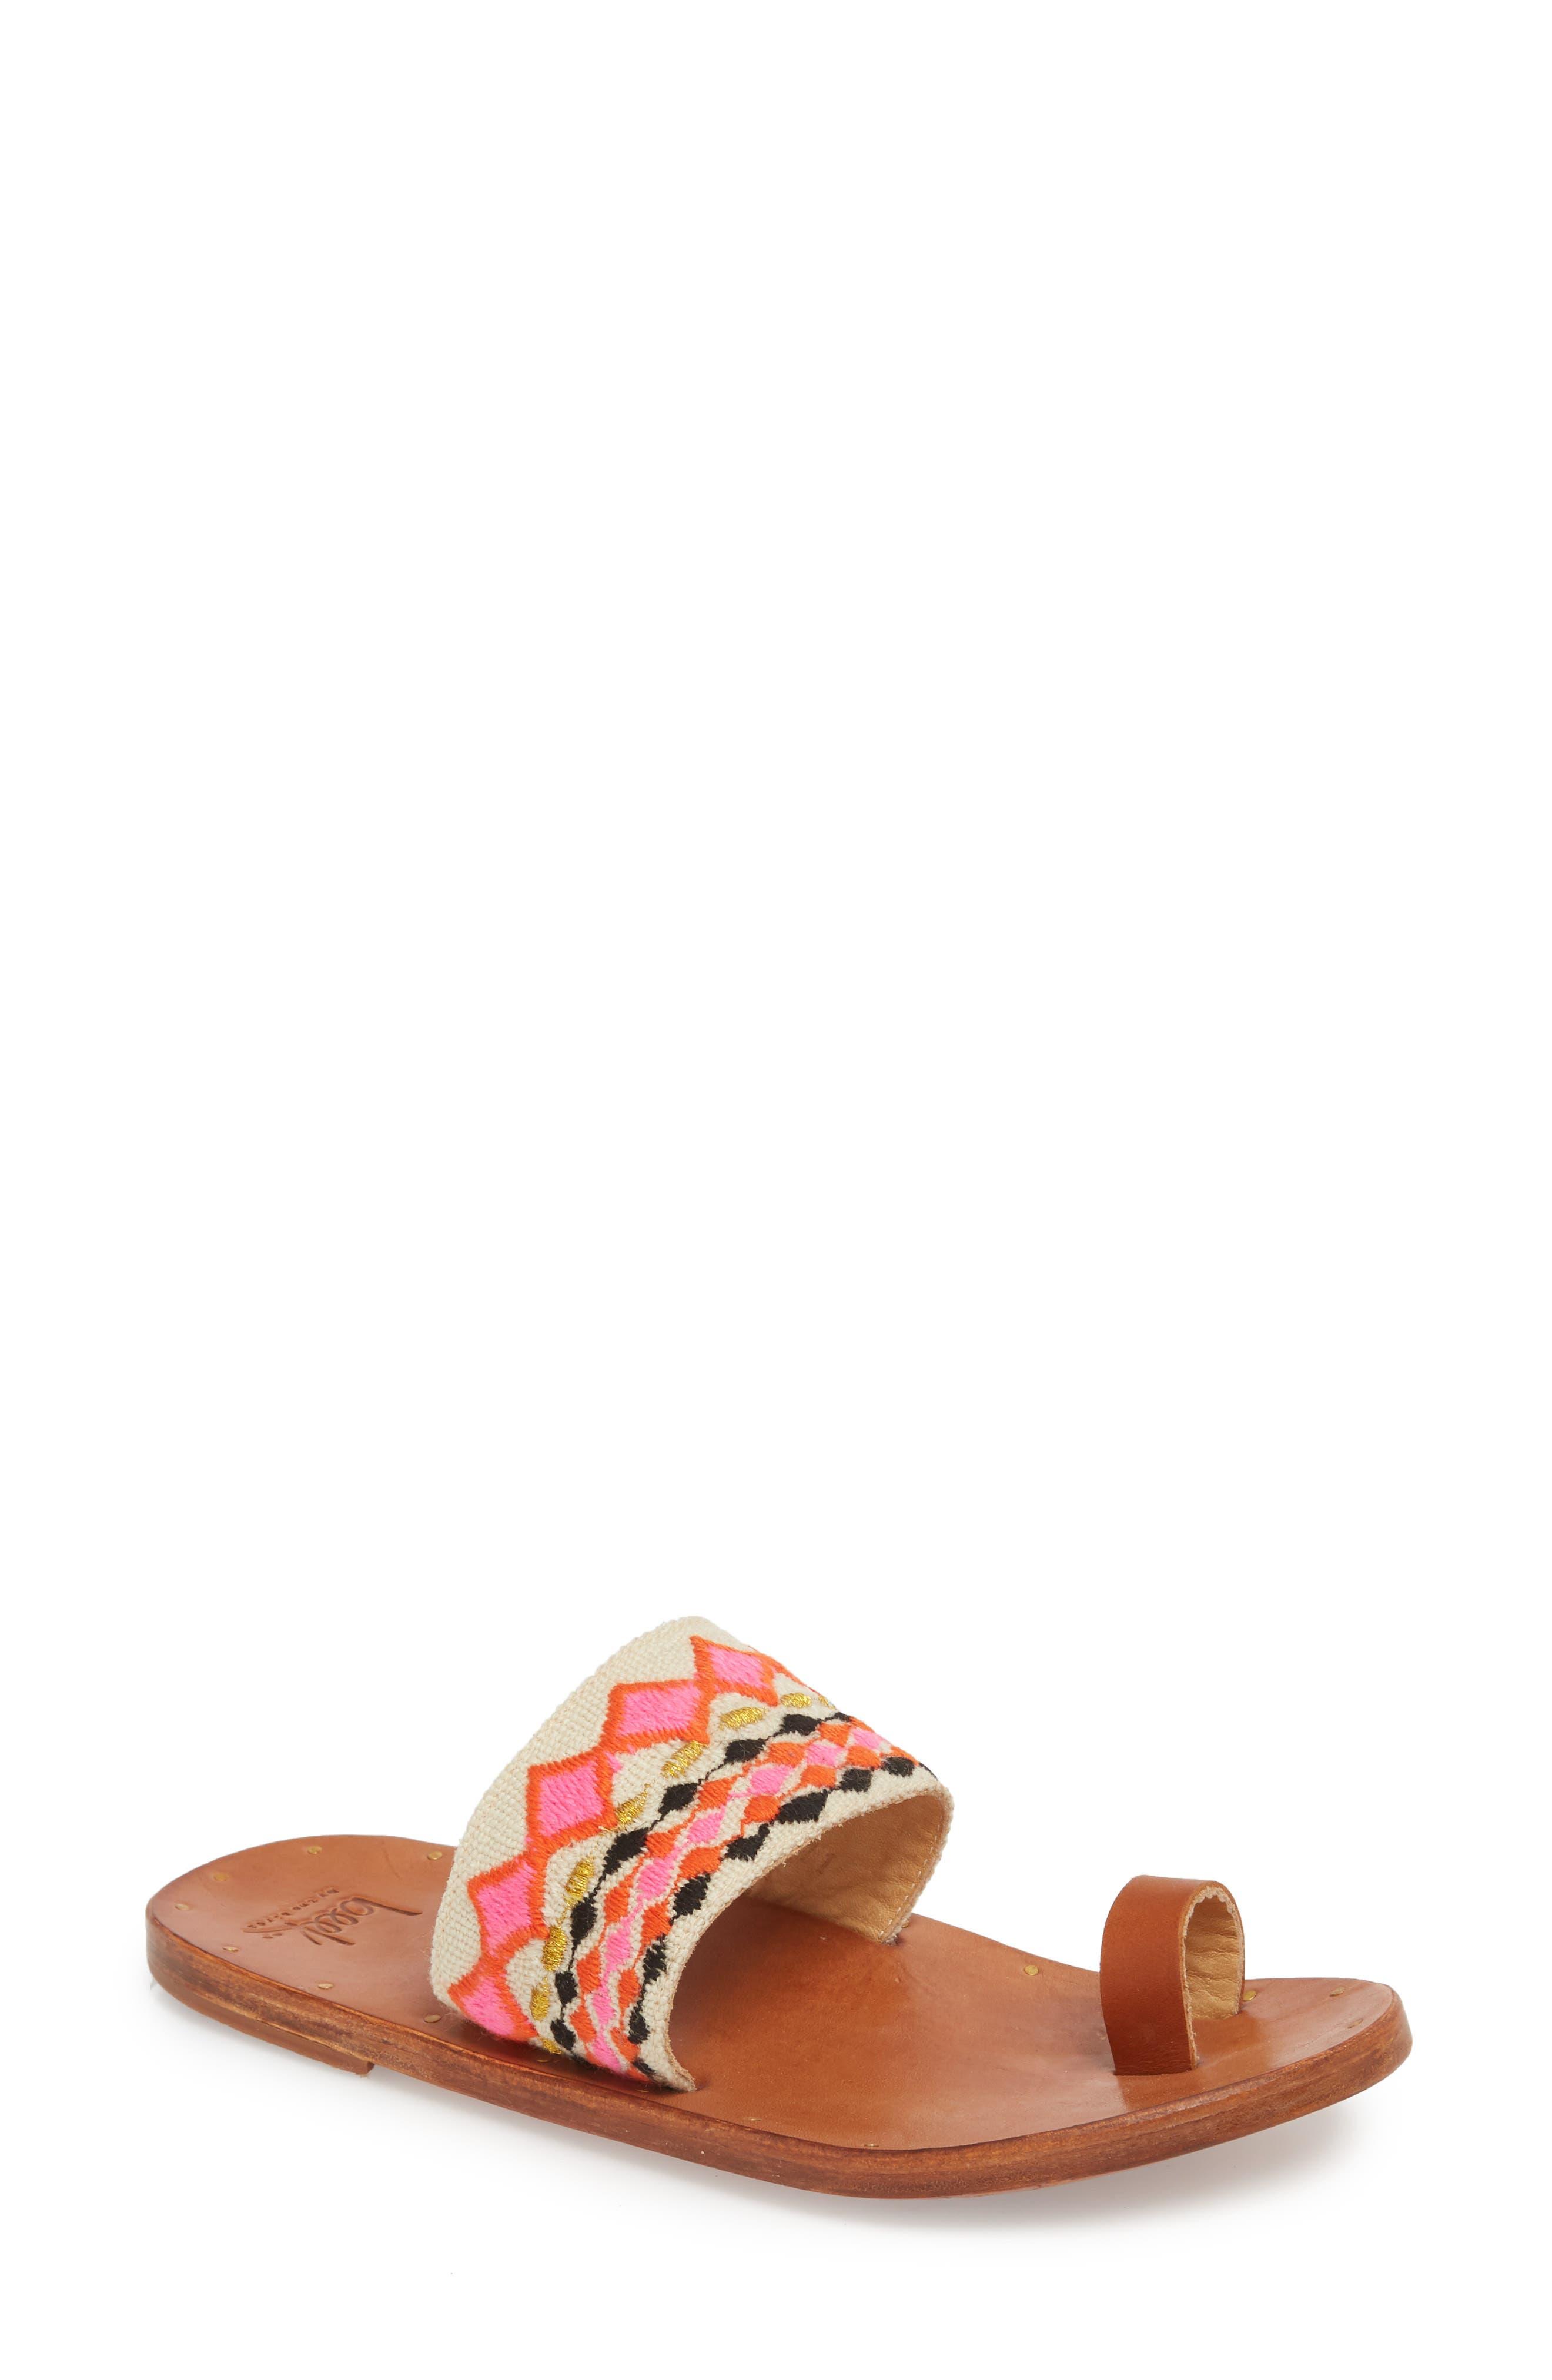 Dove Sandal,                             Main thumbnail 1, color,                             Fuschia Multi/ Tan